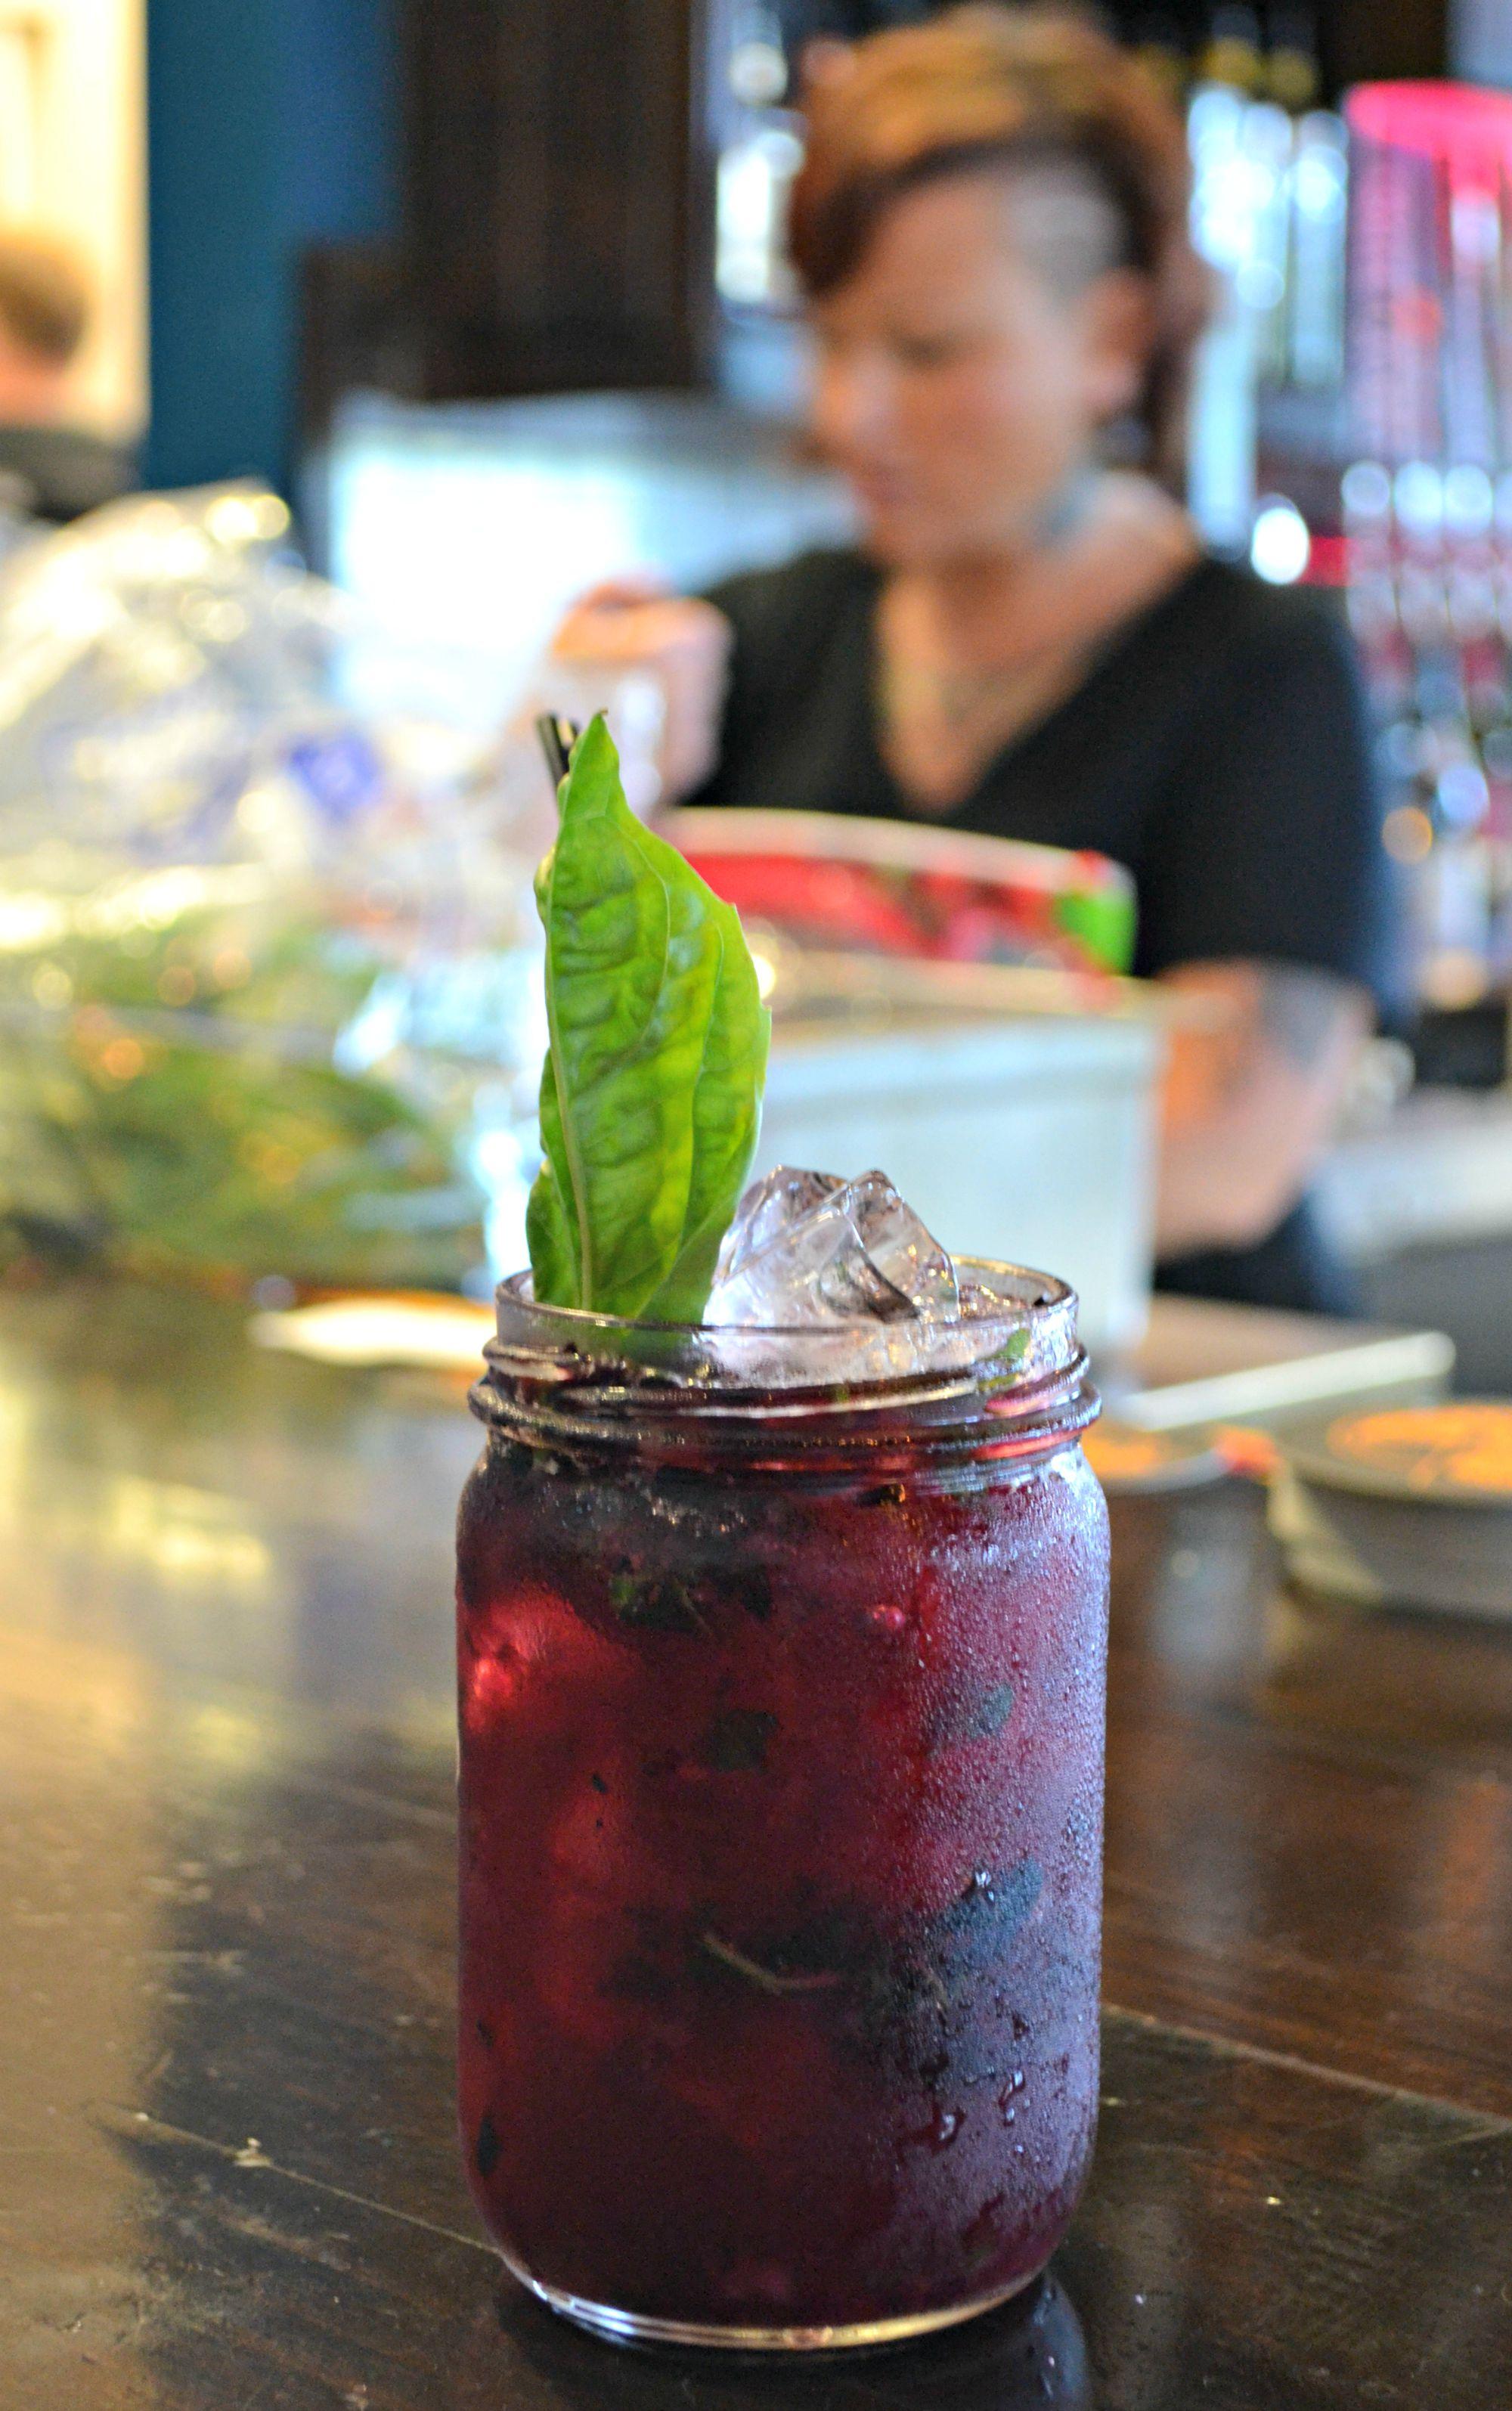 blueberry basilito jar jennifer